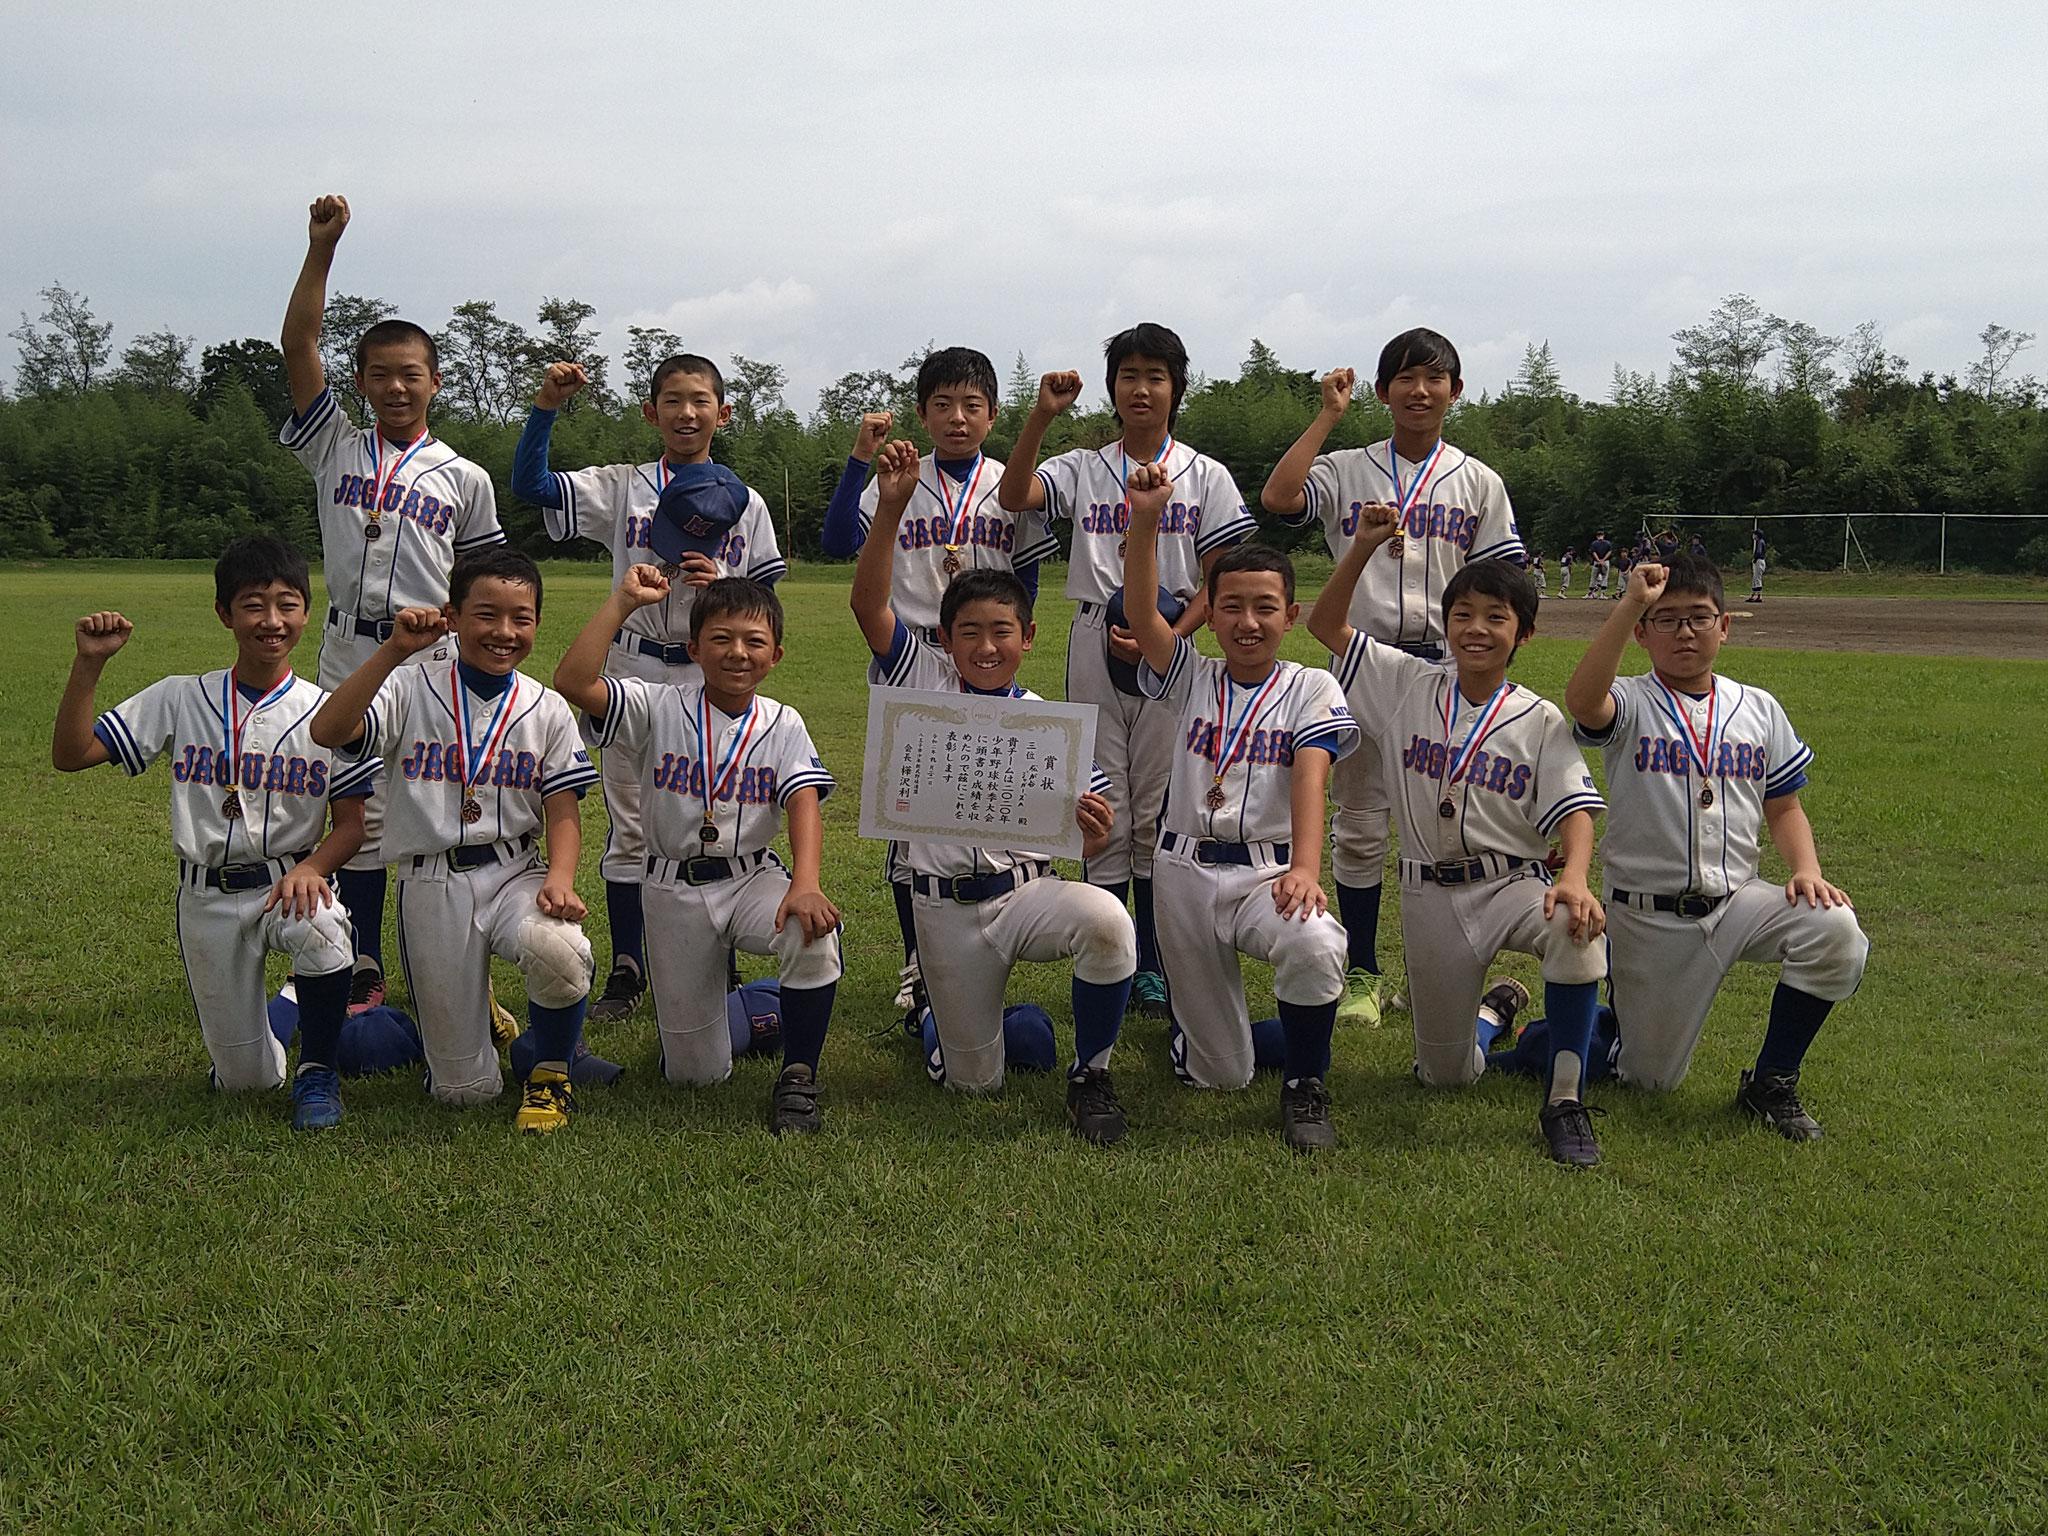 2020年度 八王子少年軟式野球 秋季大会 三位⚾松が谷ジャガーズA 令和2年9月21日